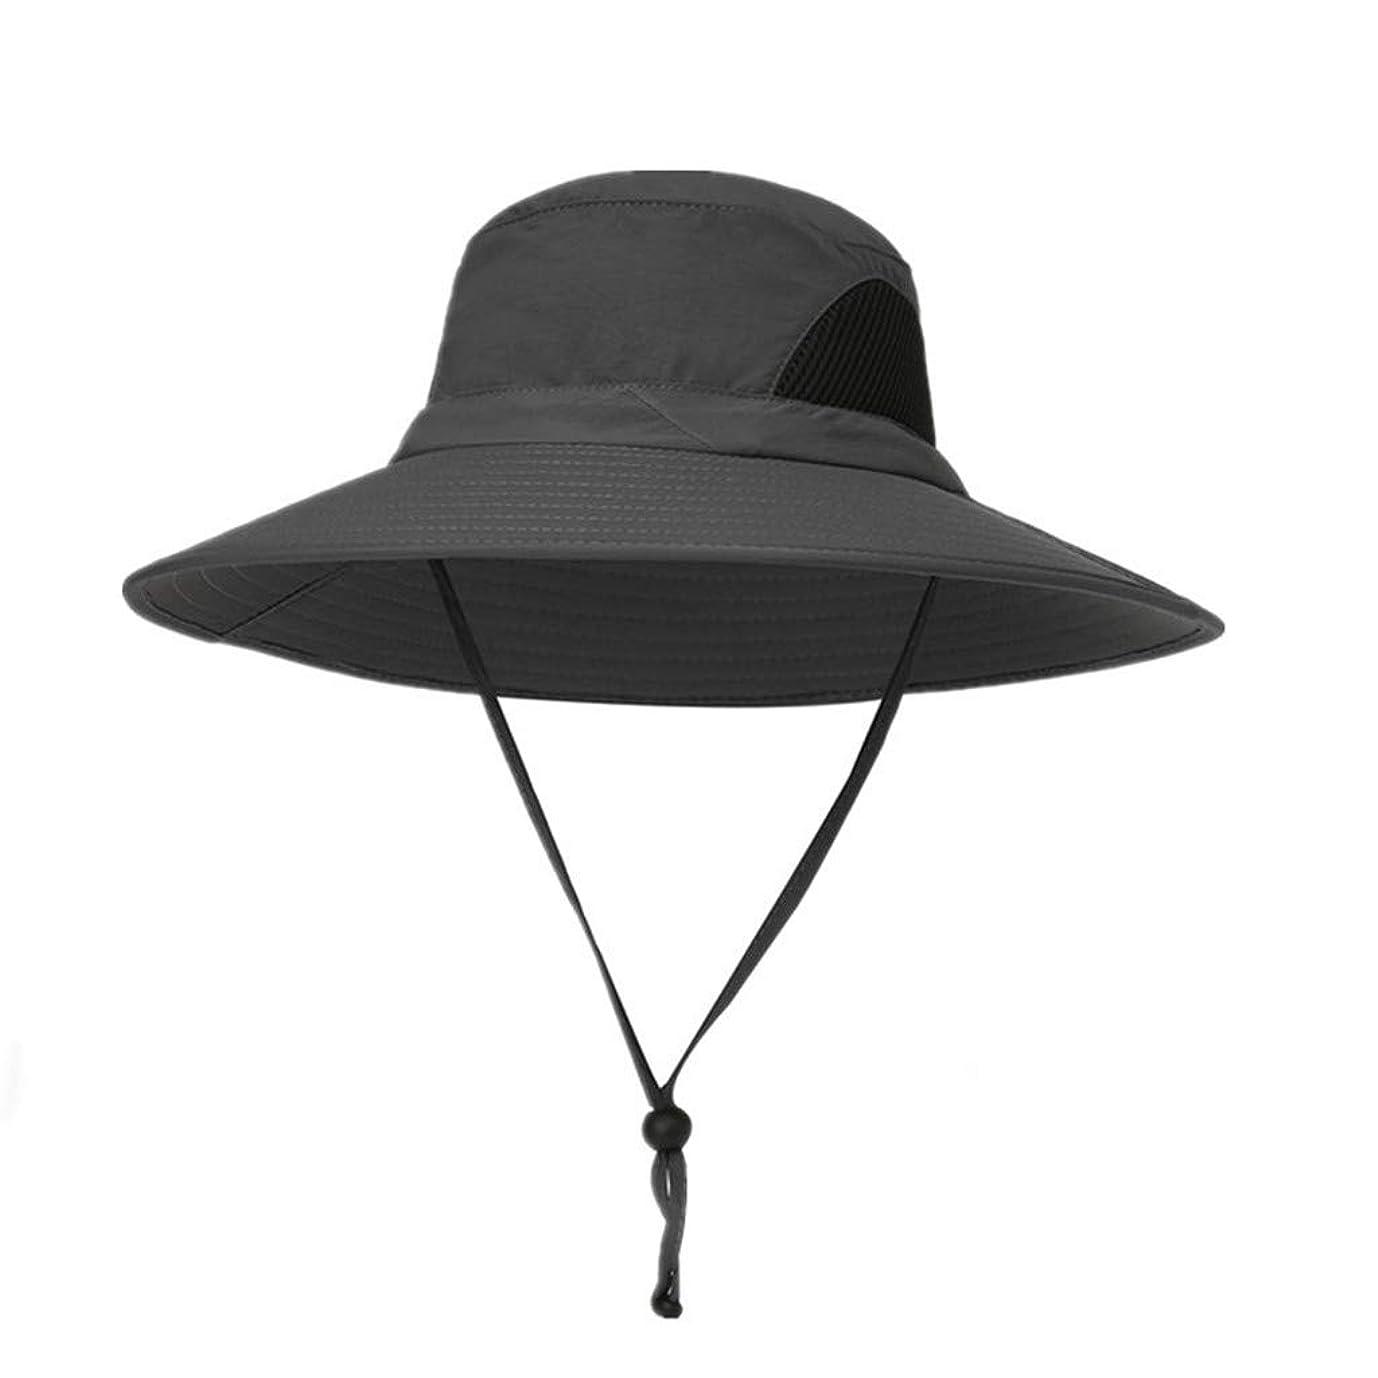 センサー深める進化するROSE ROMAN - 日よけ帽子 uvカット ビッグバイザー 紫外線防止 あごひも付き 強風でも安心 折りたたみ 軽量 持ち運びに便利 取り外すあご紐 つば広 りたたみ サイズ調節可 旅行 自転車 アウトドア 男女兼用